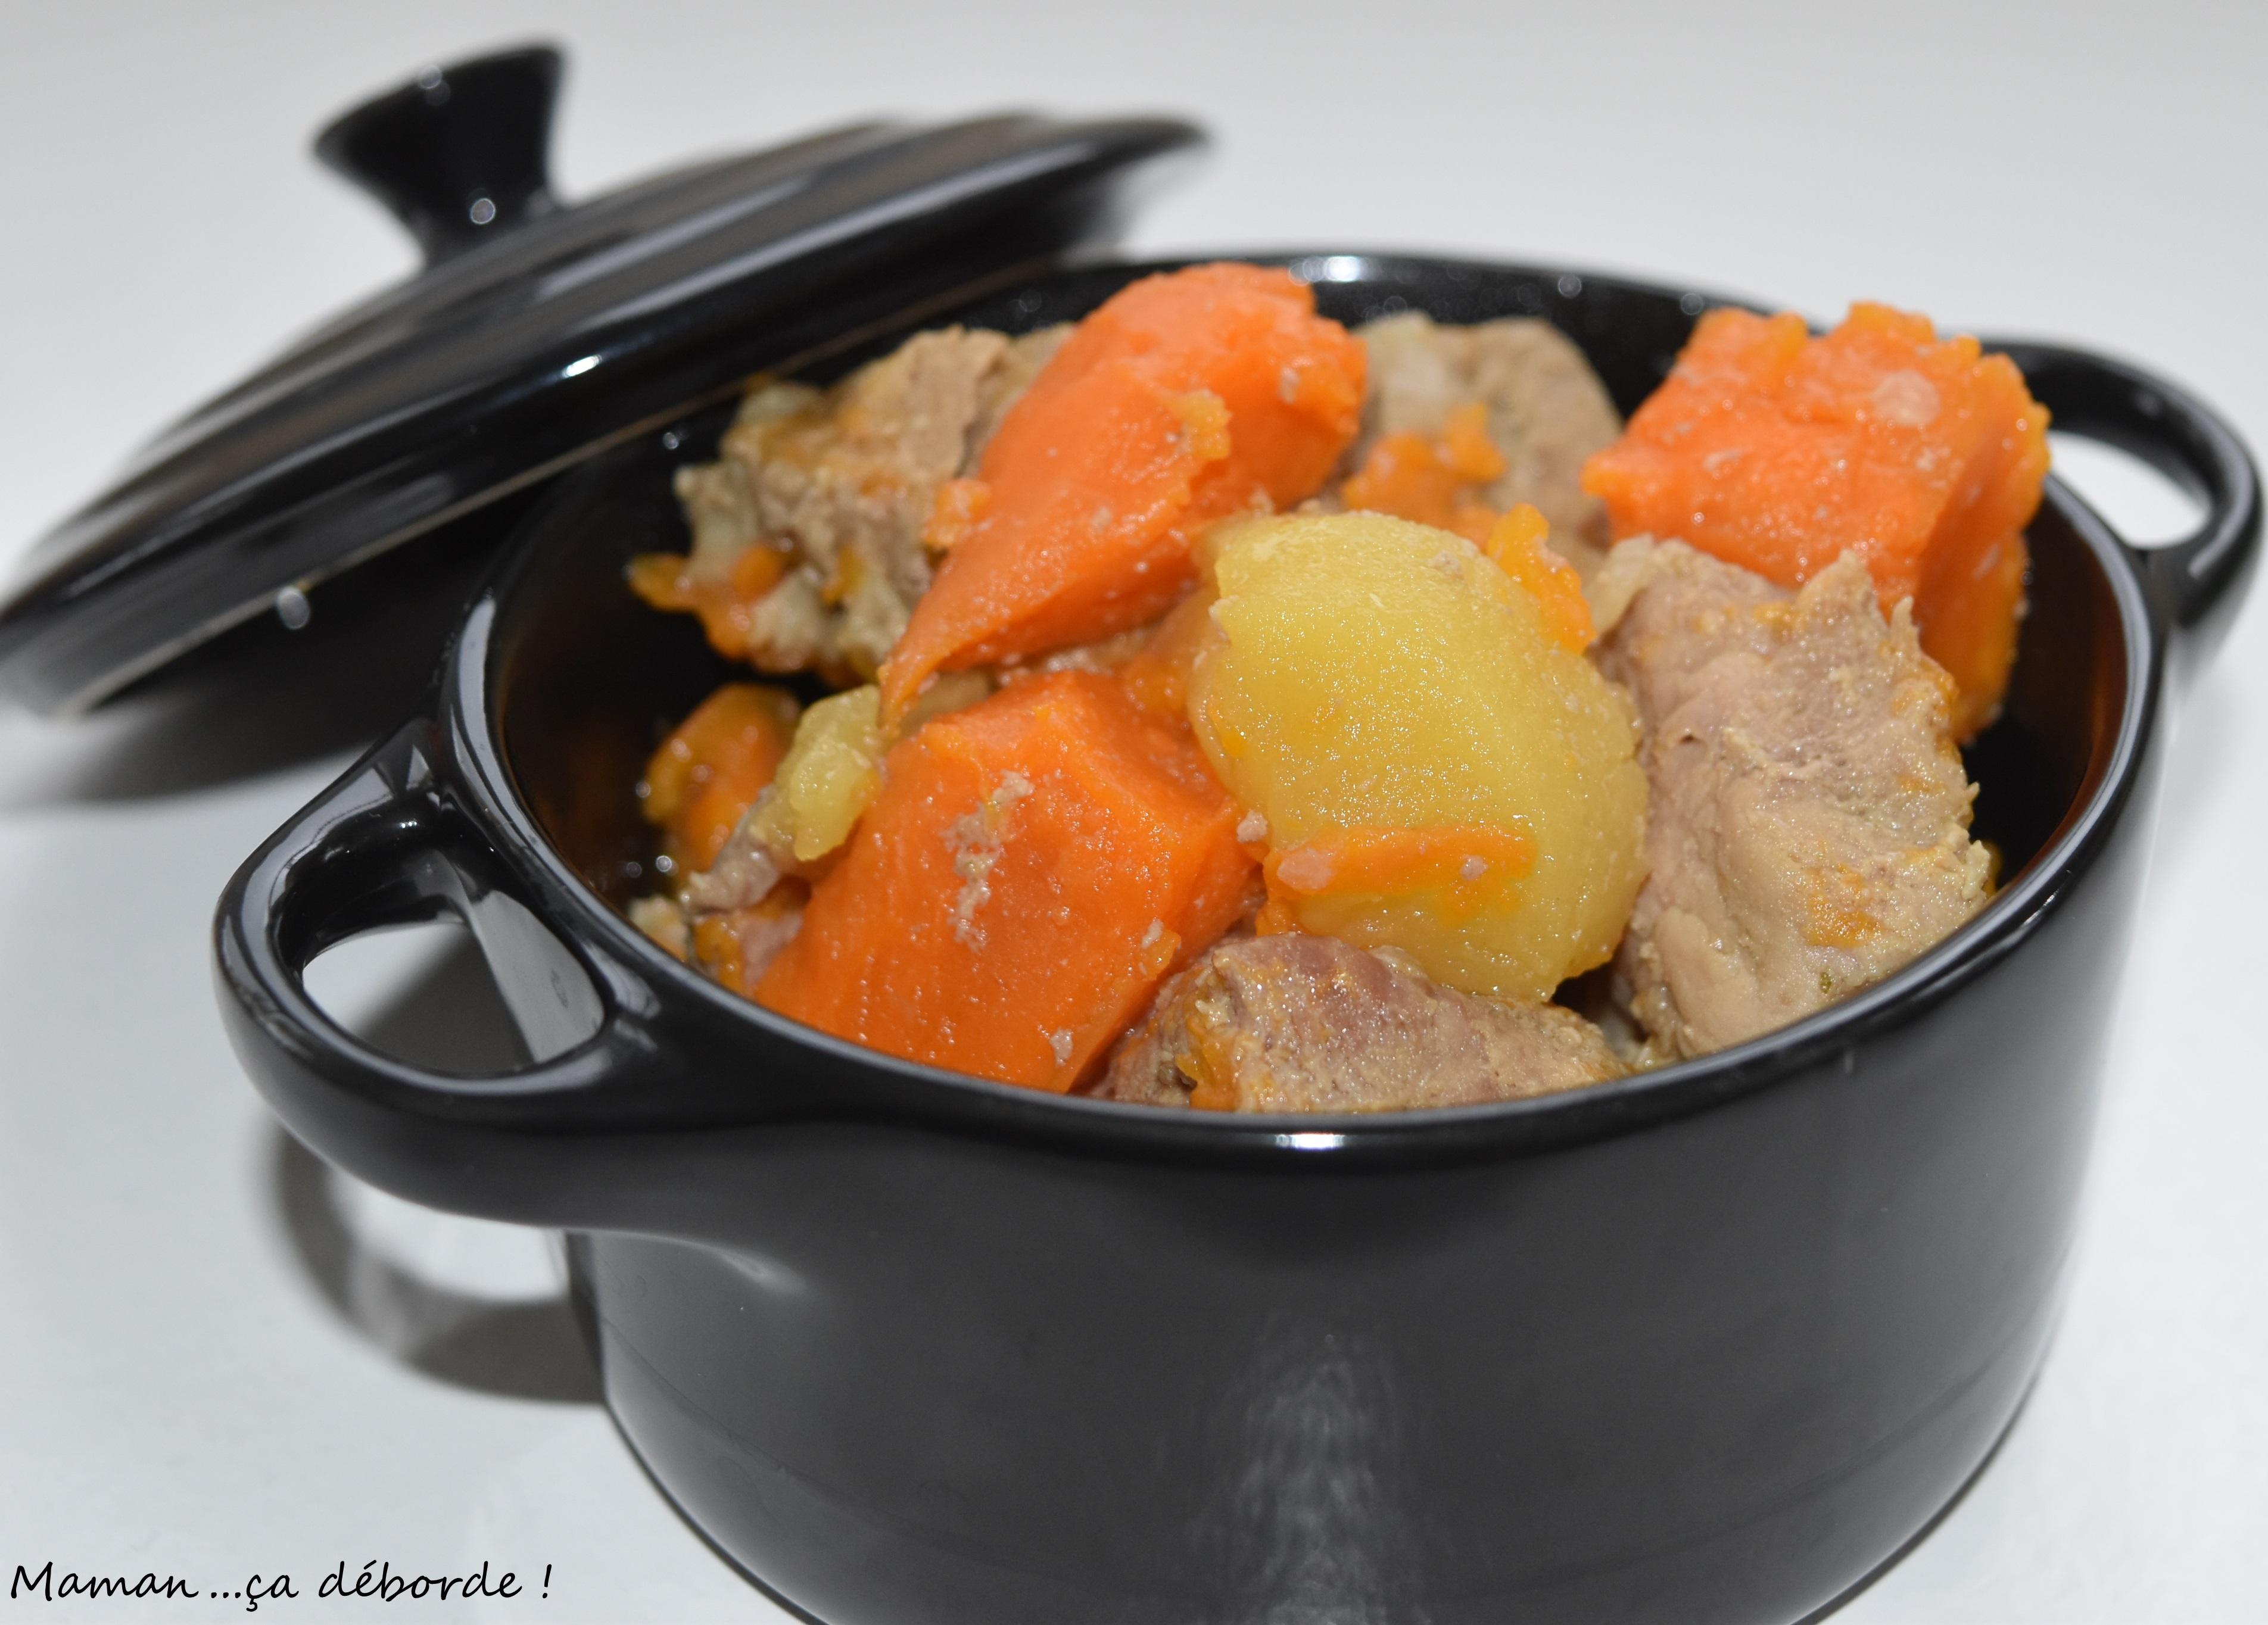 Filet mignon au sirop d 39 rable patates douces et pommes maman a d borde - Quand recolter les patates douces ...